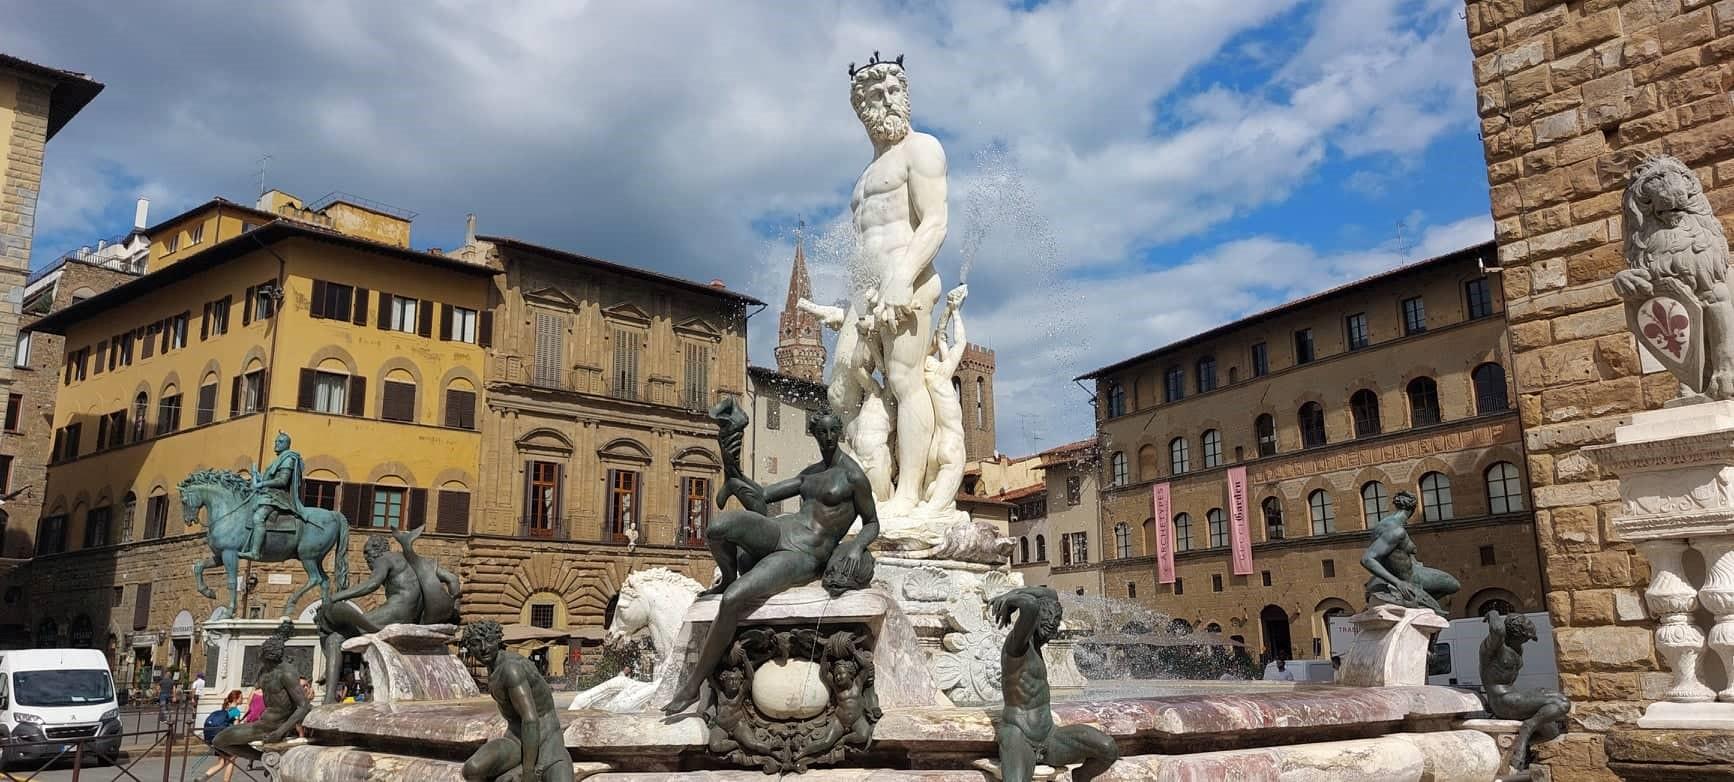 Firenzében zajlik az élet